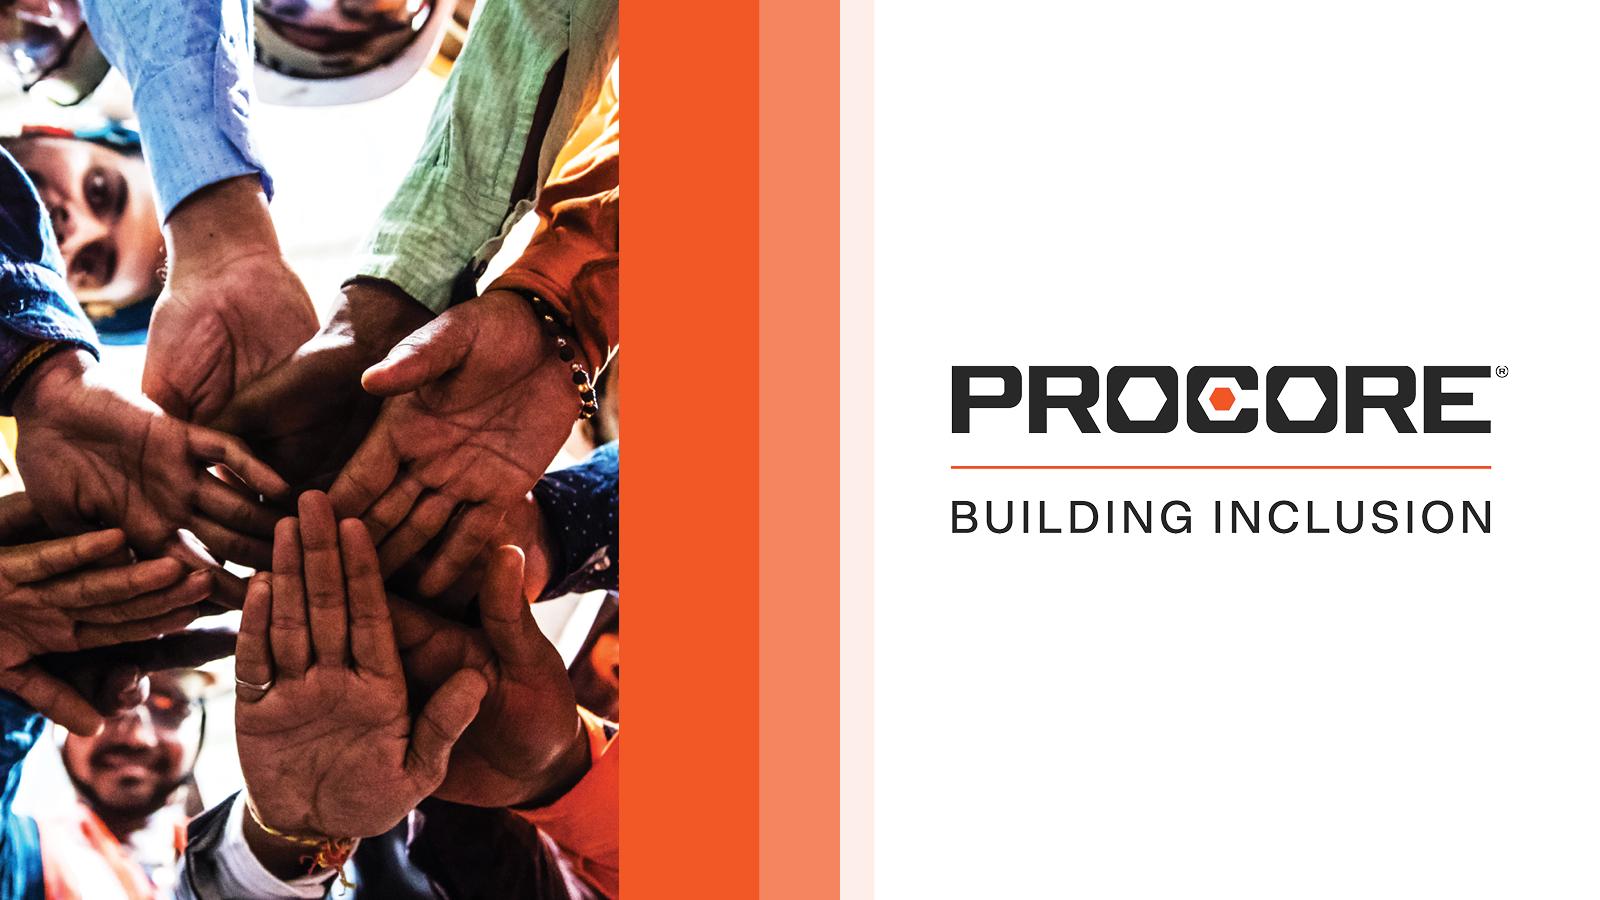 Building Inclusion